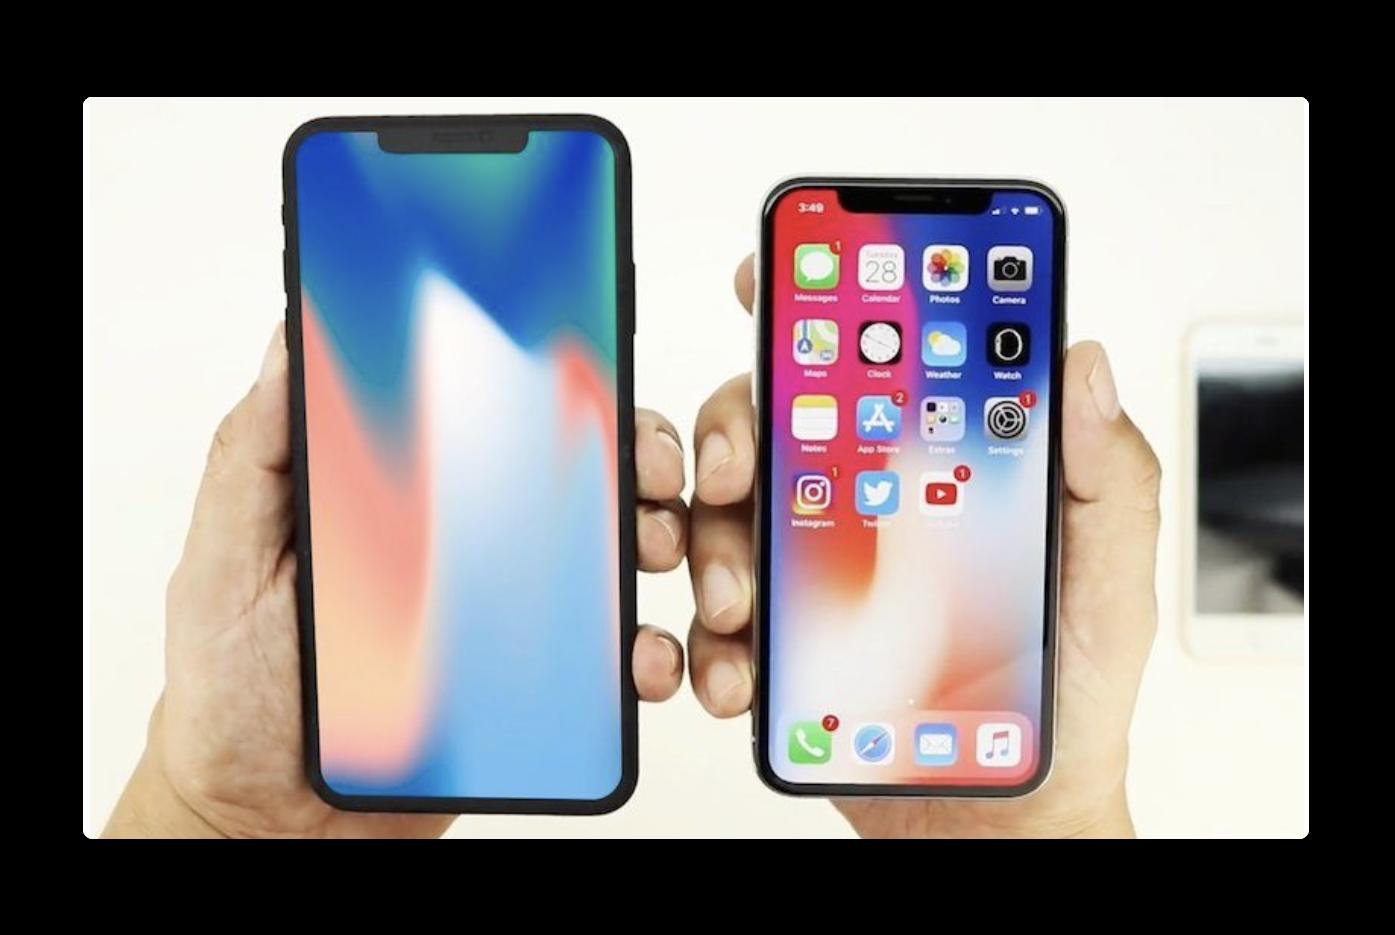 今年のiPhone XとiPhone X Plusの価格は10万円以下の価格からとの予測